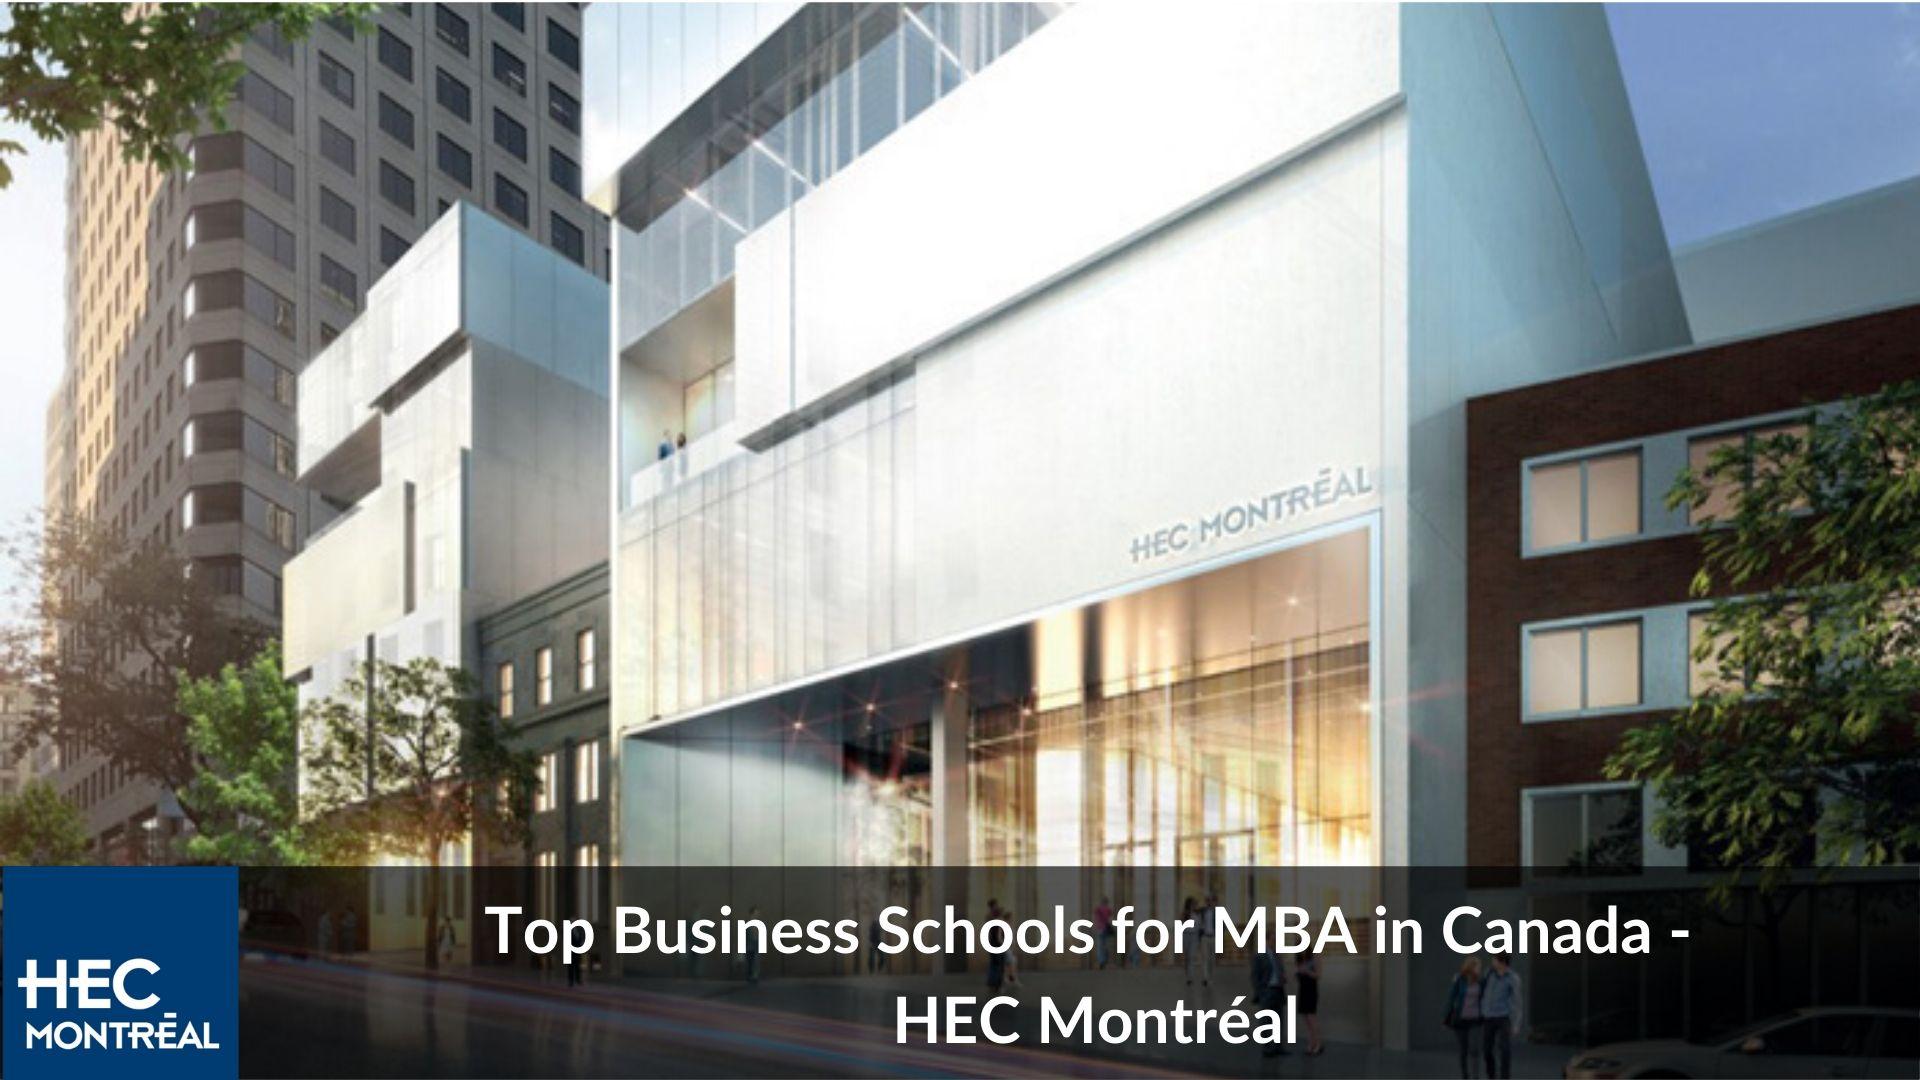 Top MBA universities in Canada - HEC Montreal